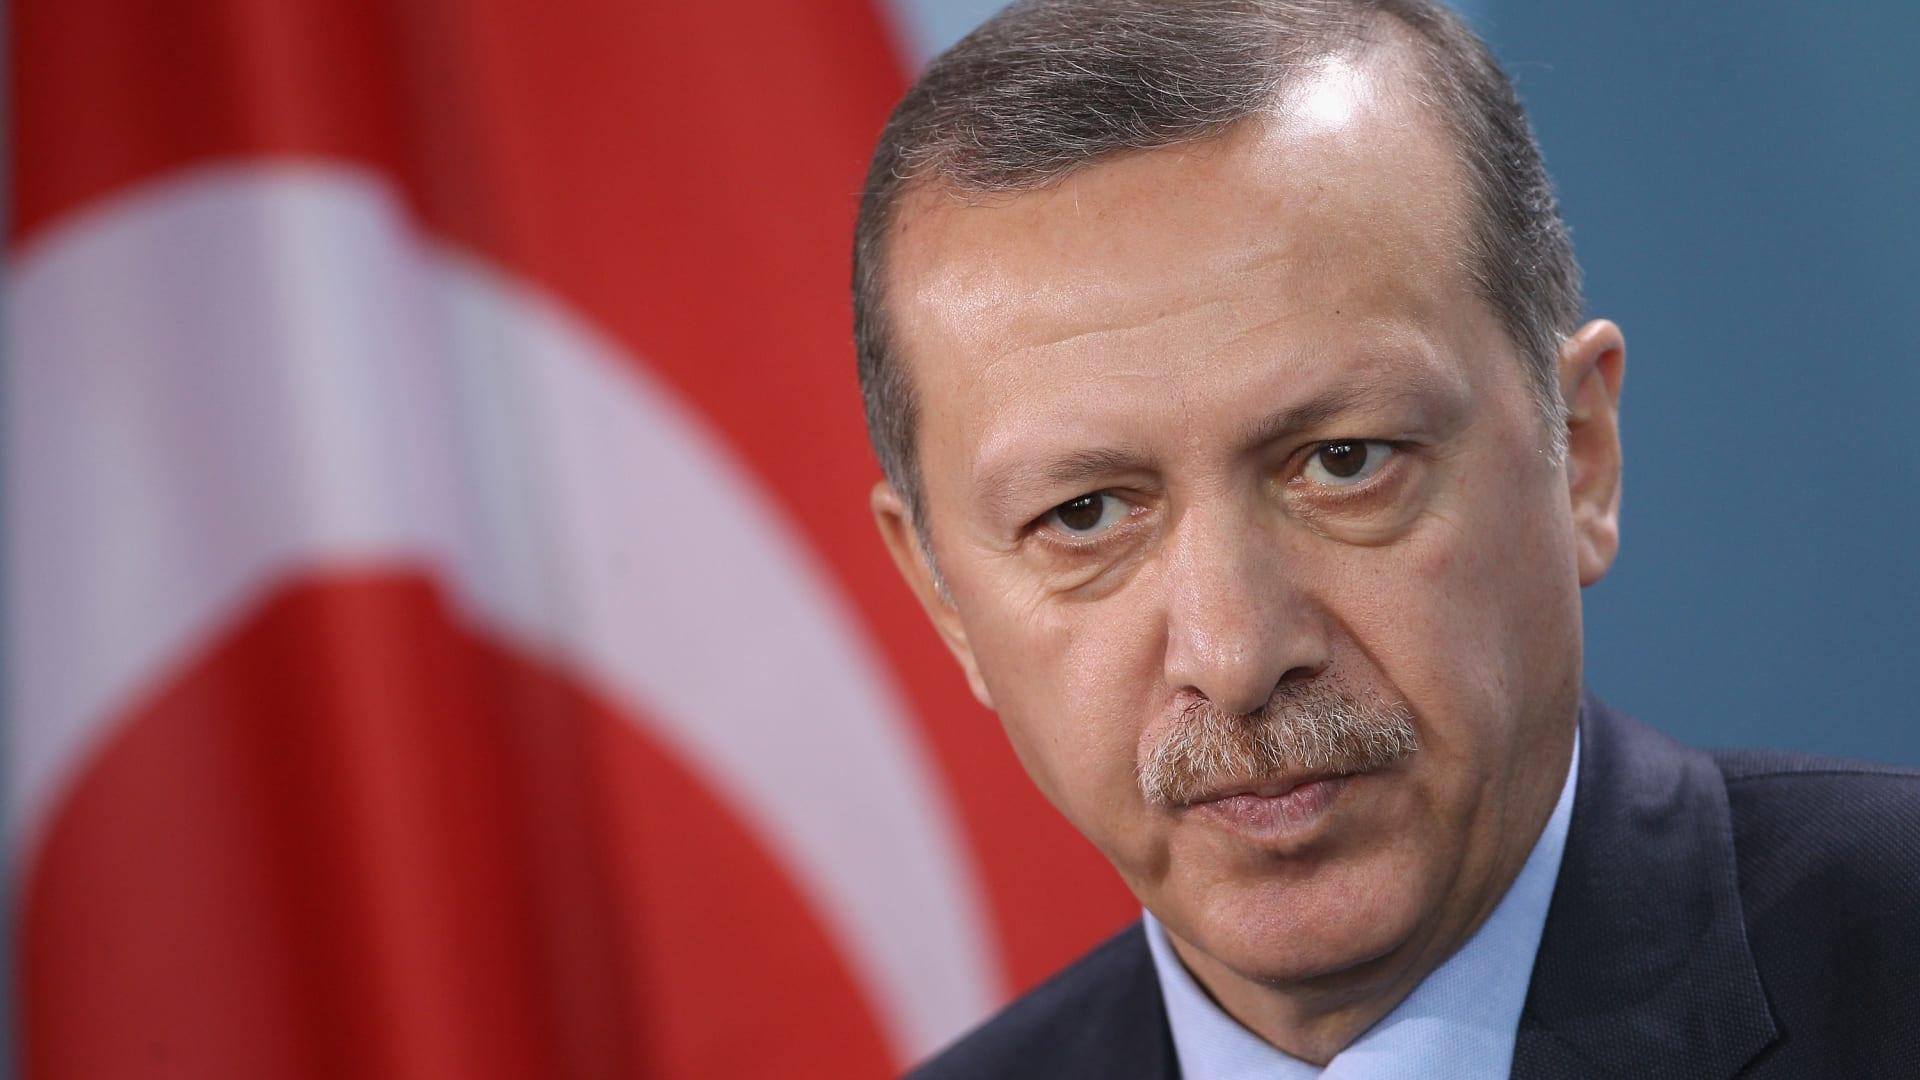 """قبل النظام الرئاسي الجديد.. أردوغان يطالب بـ""""محاسبة"""" قادة حزب معارض"""